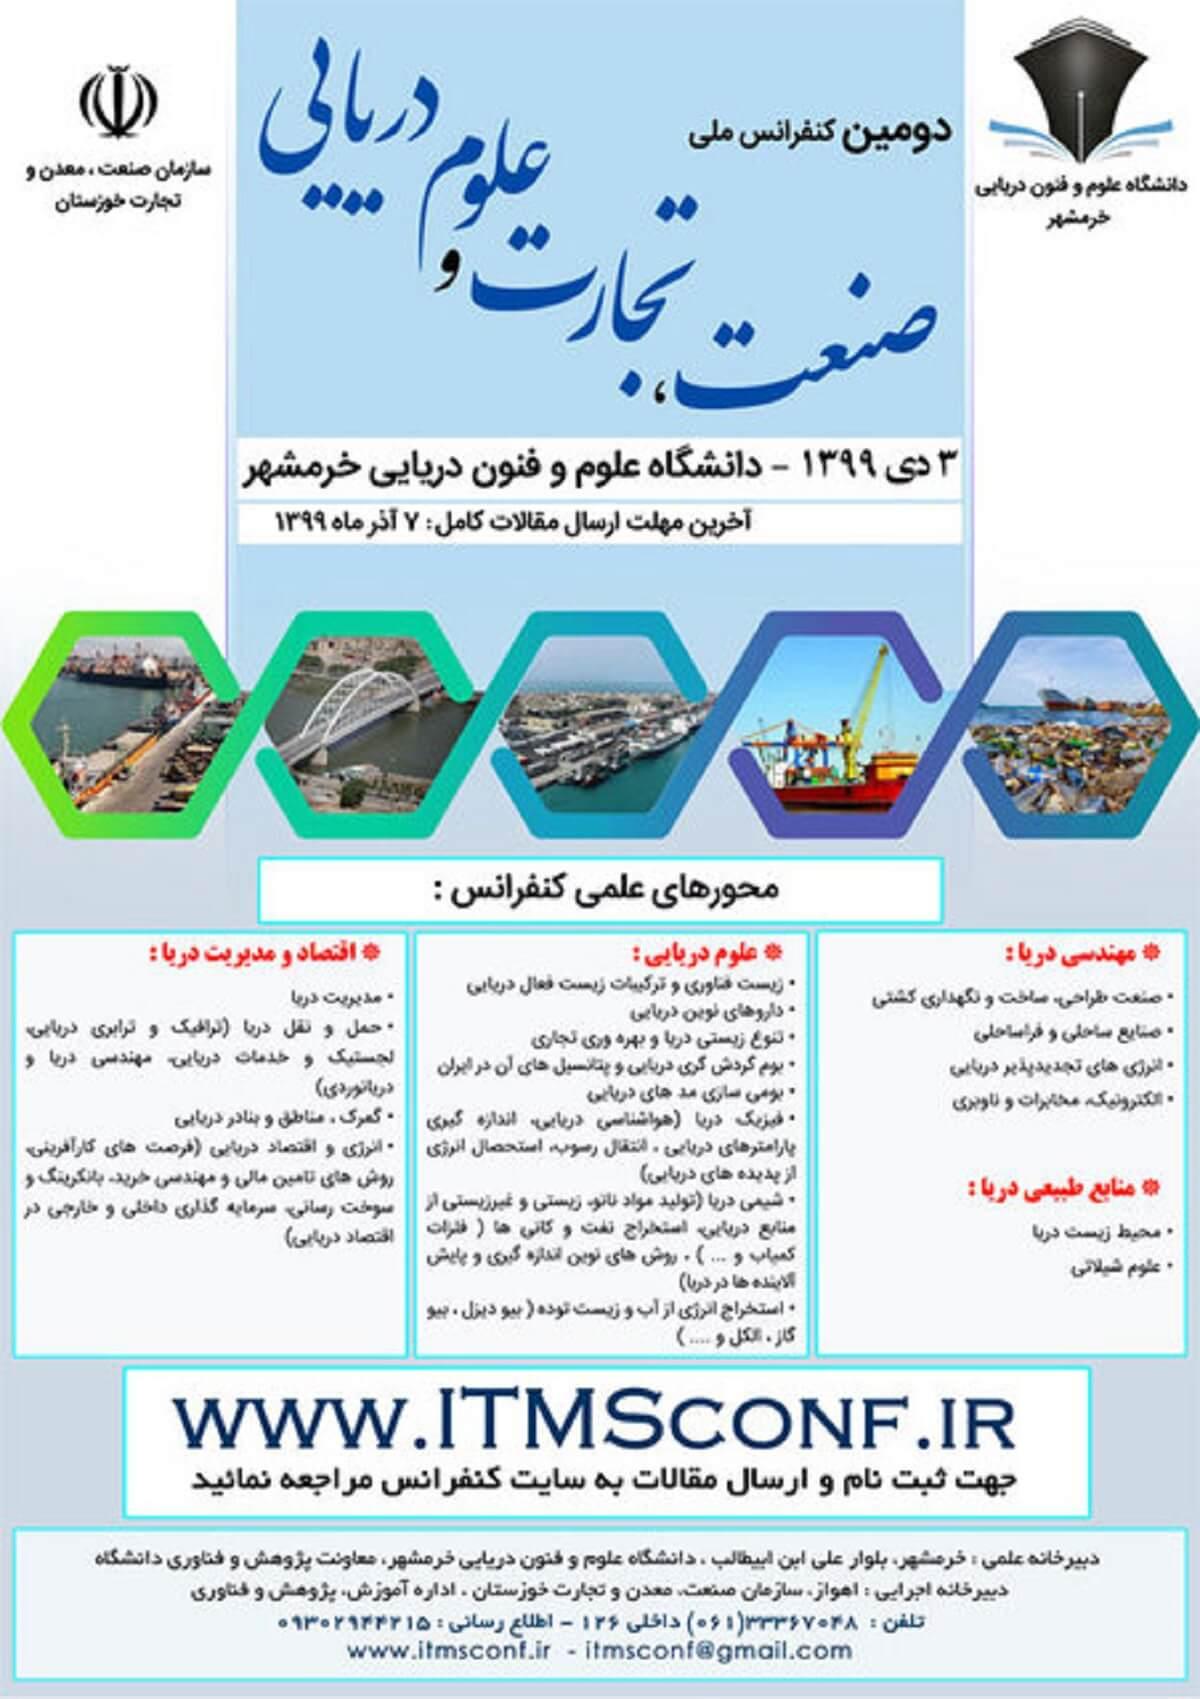 کنفرانس ملی صنعت، تجارت و علوم دریایی در خرمشهر